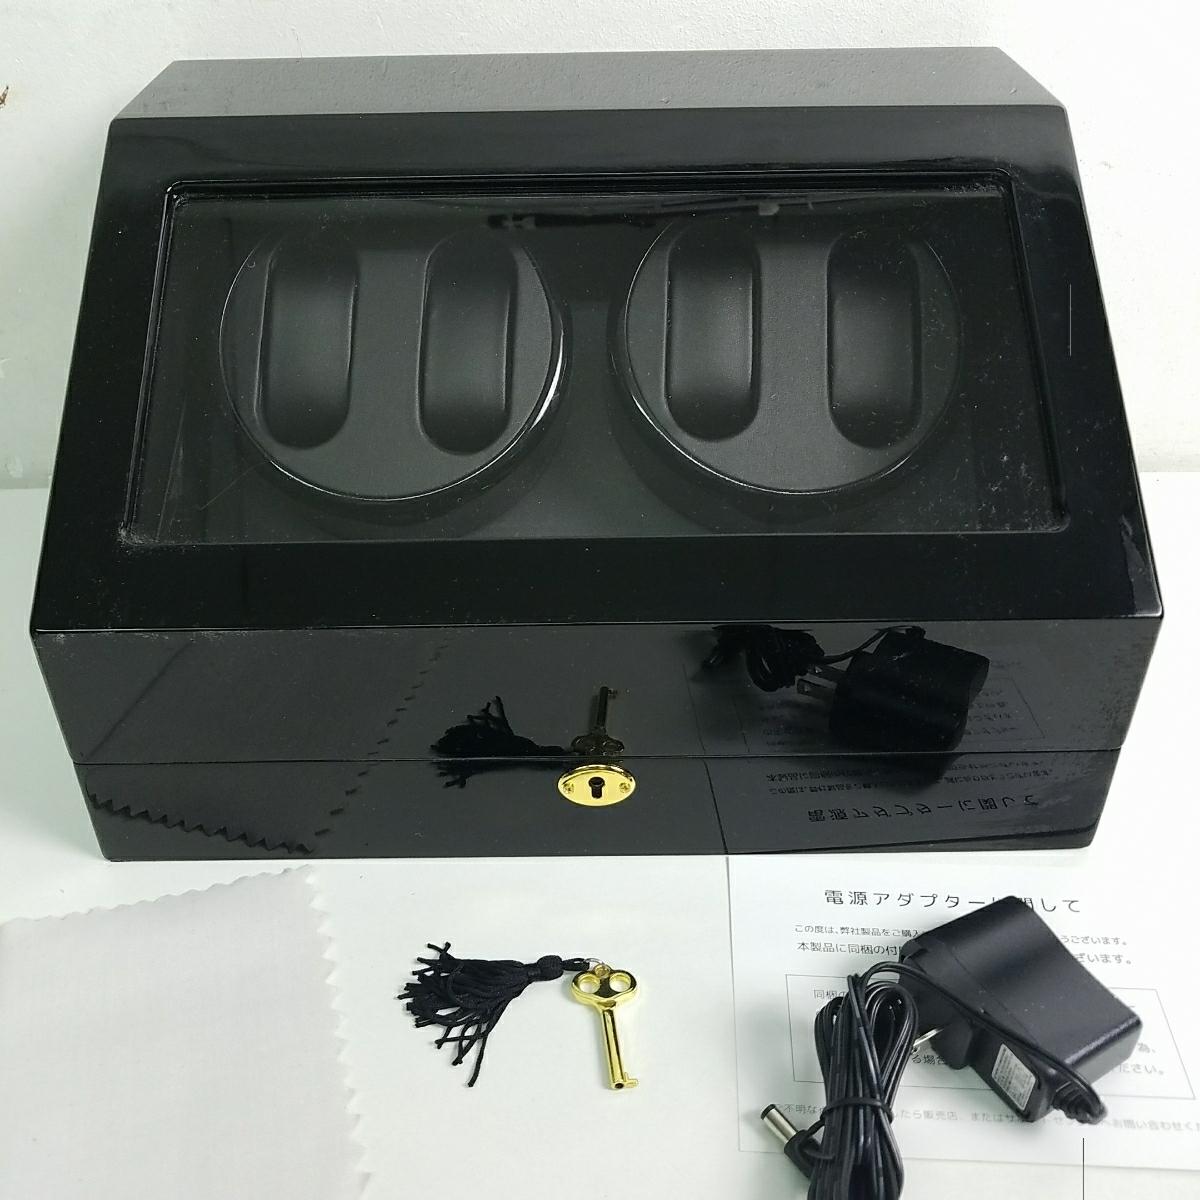 ■売切■ワインディングマシーン 腕時計 自動巻き時計 時計収納ケース ぜんまい巻き上げ 鍵付き m932-120_画像2